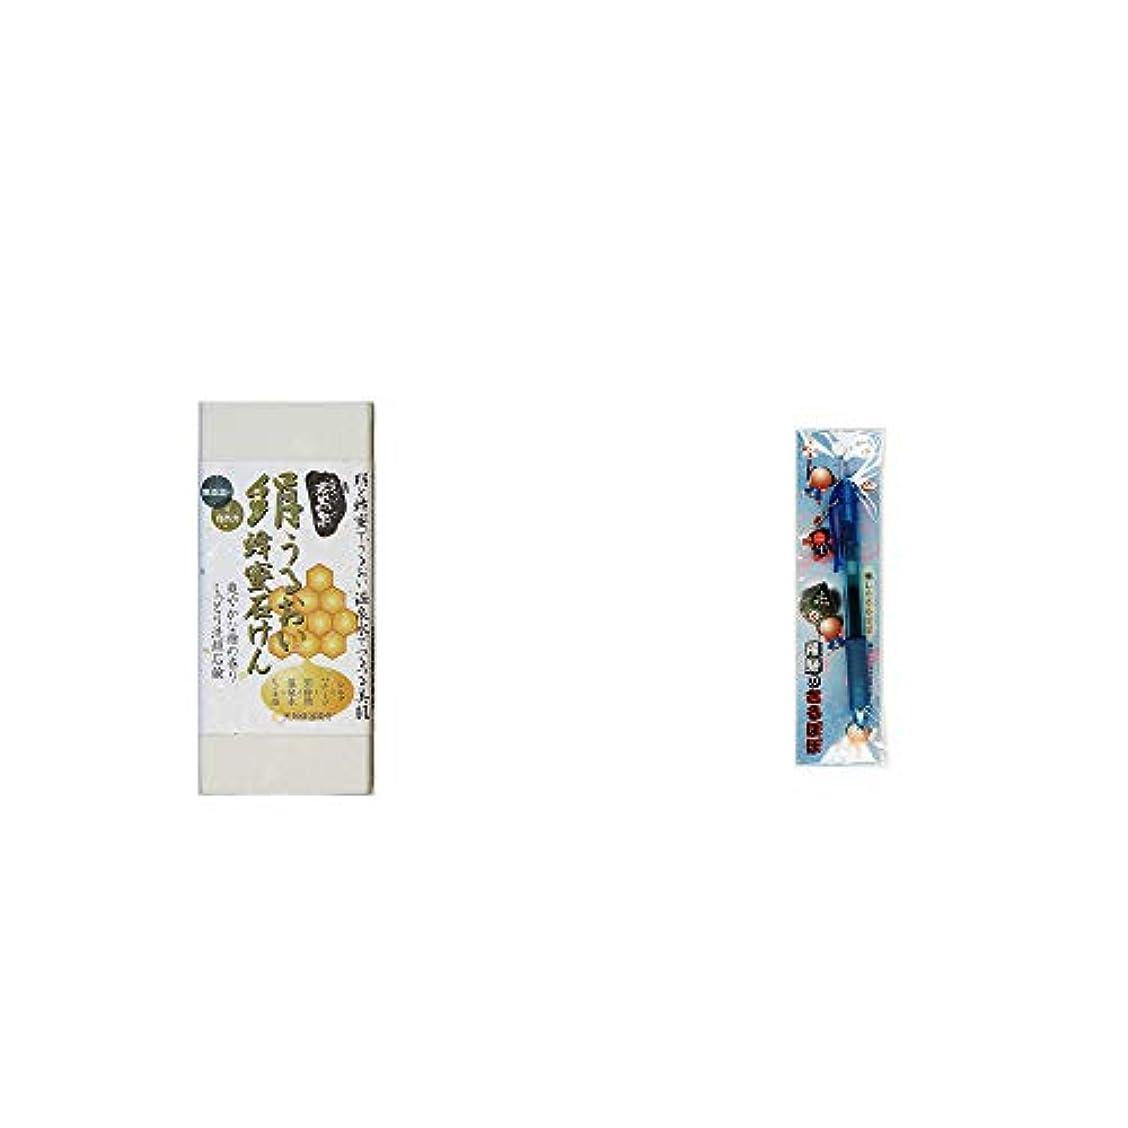 息苦しいクリップ蝶ブリーク[2点セット] ひのき炭黒泉 絹うるおい蜂蜜石けん(75g×2)?さるぼぼ 癒しボールペン 【ブルー】